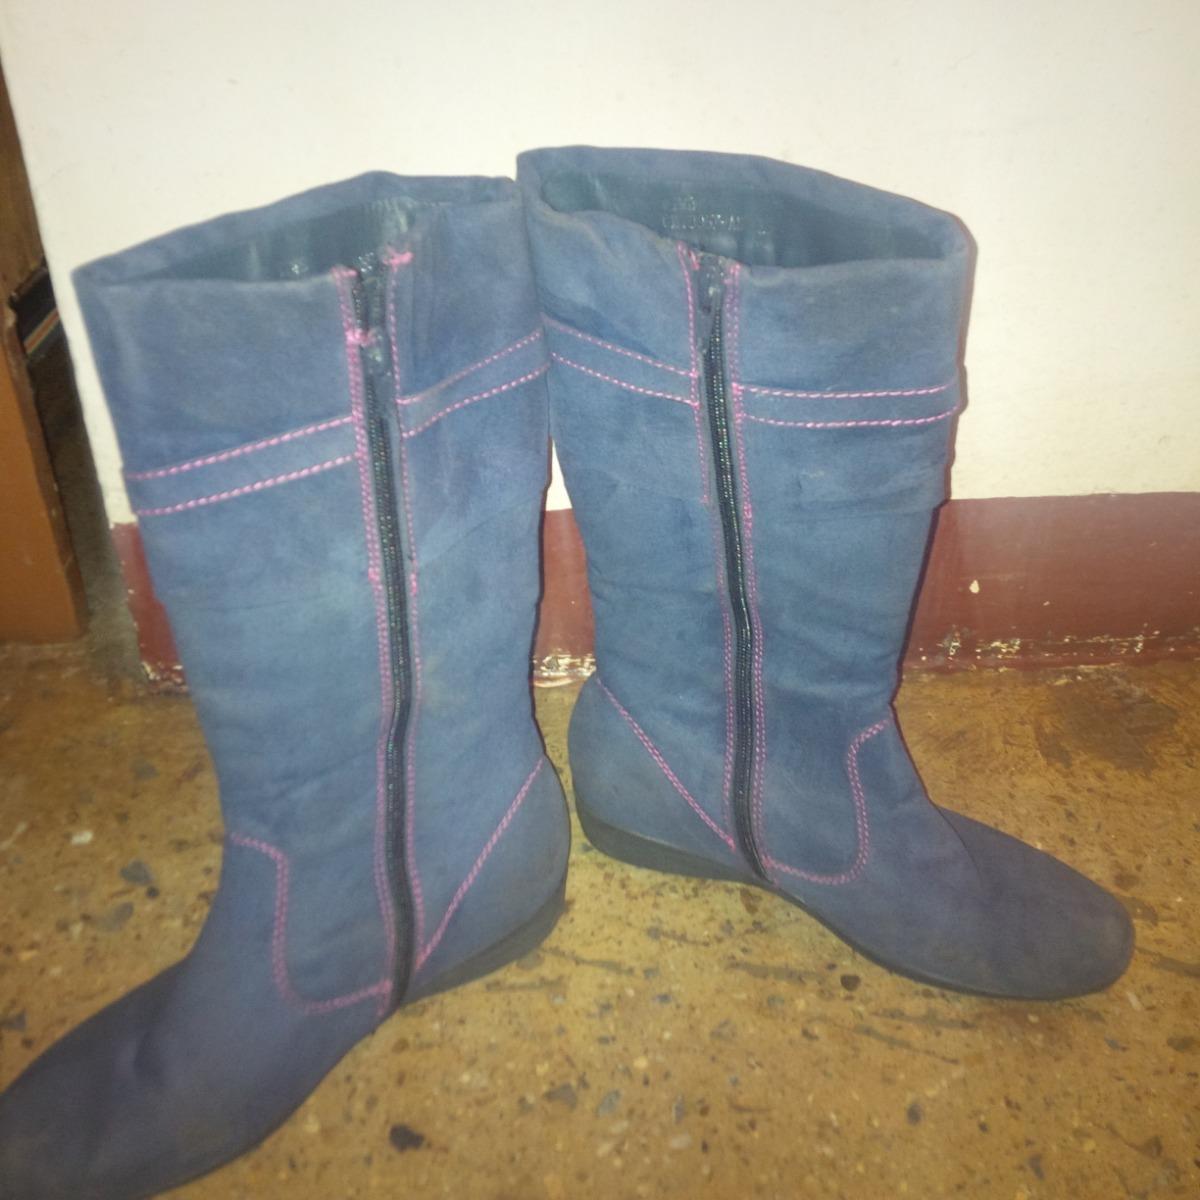 602cf350910 se vende botas para niña talla 34-35. Cargando zoom.